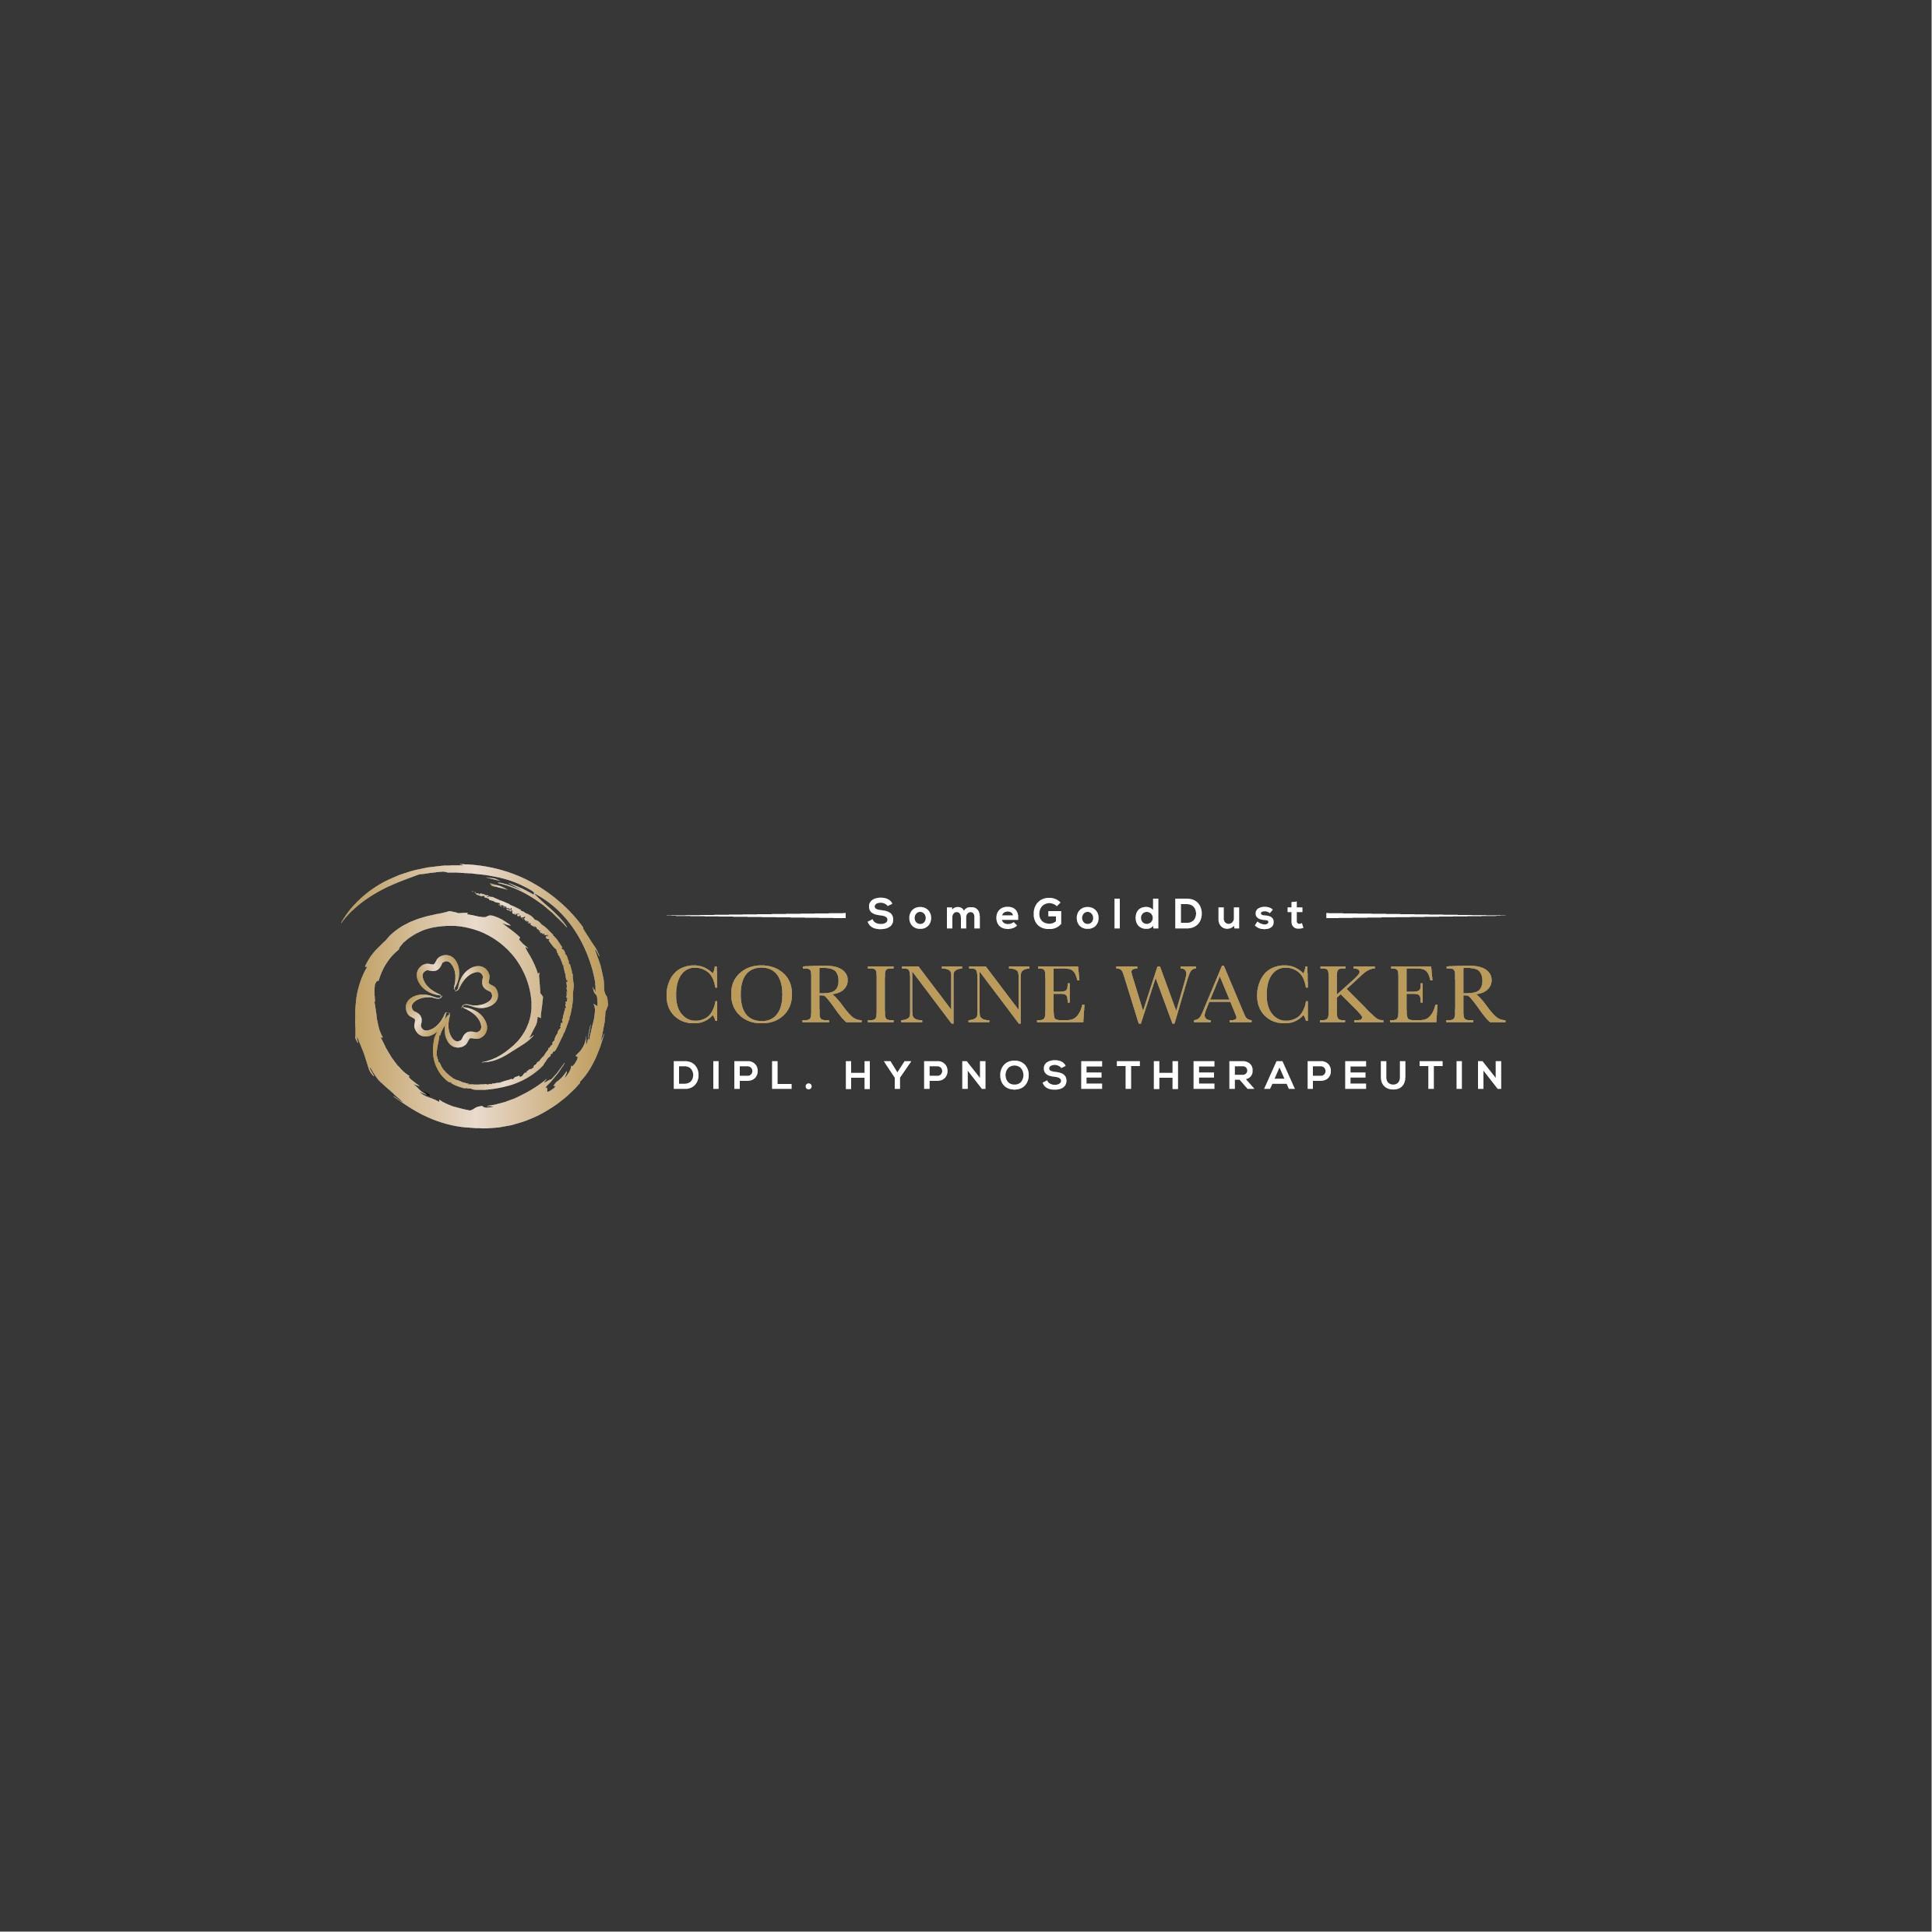 Logo für Hypnosetherapeutin mit Leidenschaft!